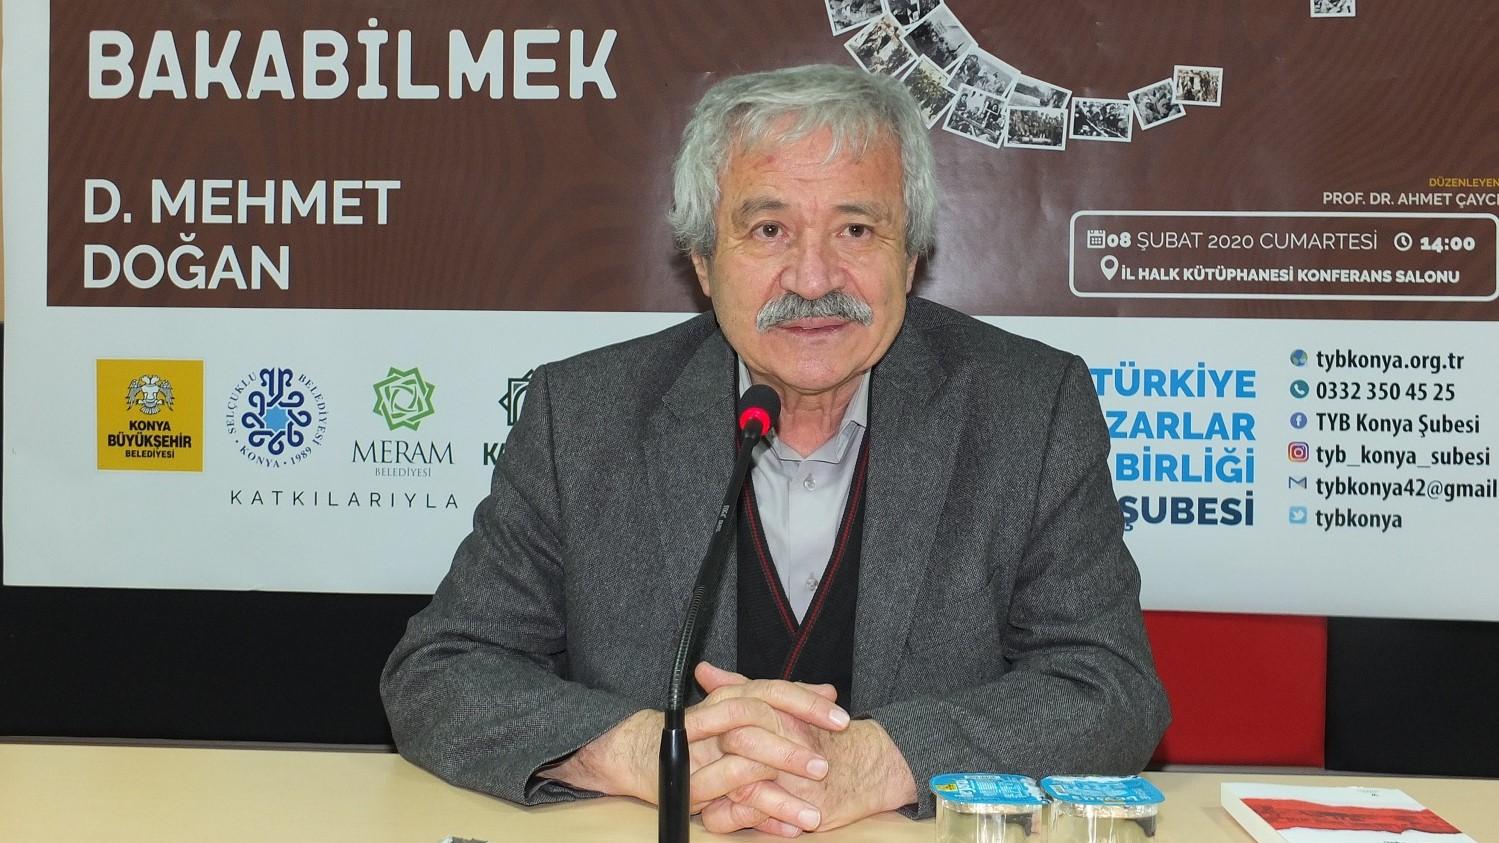 D. Mehmet Doğan: 100 yıl sonra Ömer Seyfeddin'i anamamak!